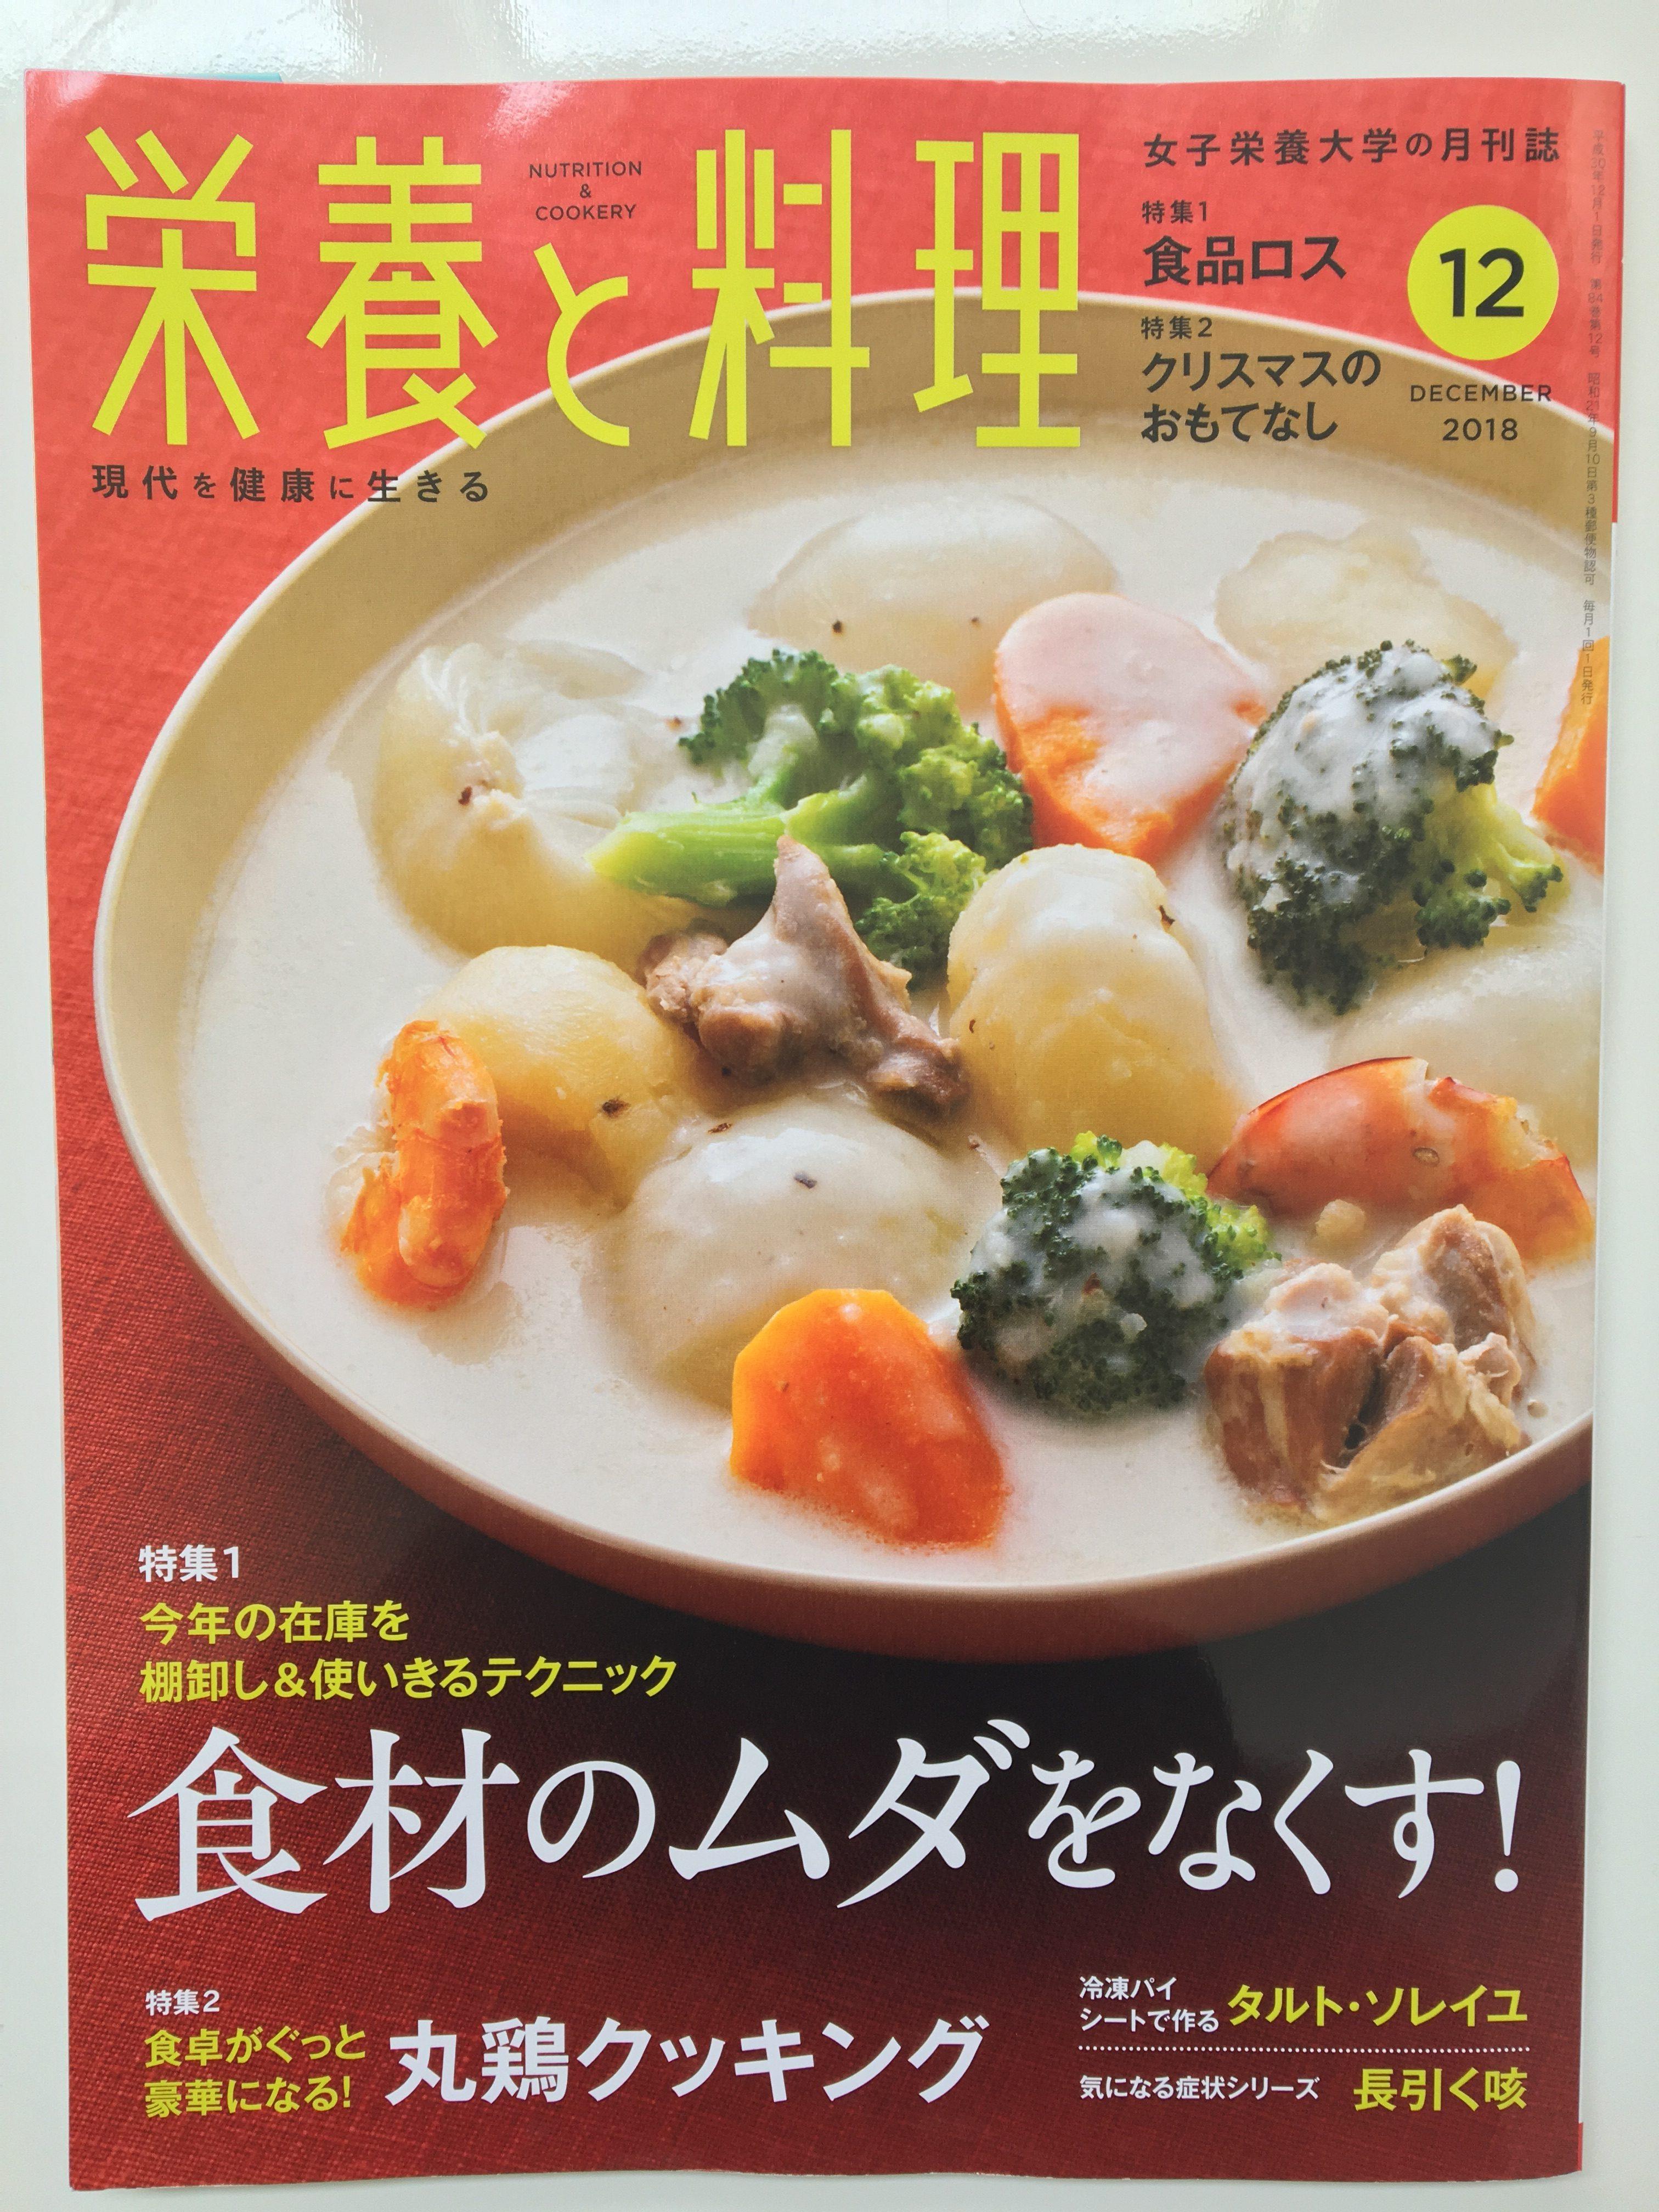 【掲載】栄養と料理12月号「ムダなくおいしく使い切るアイディア」